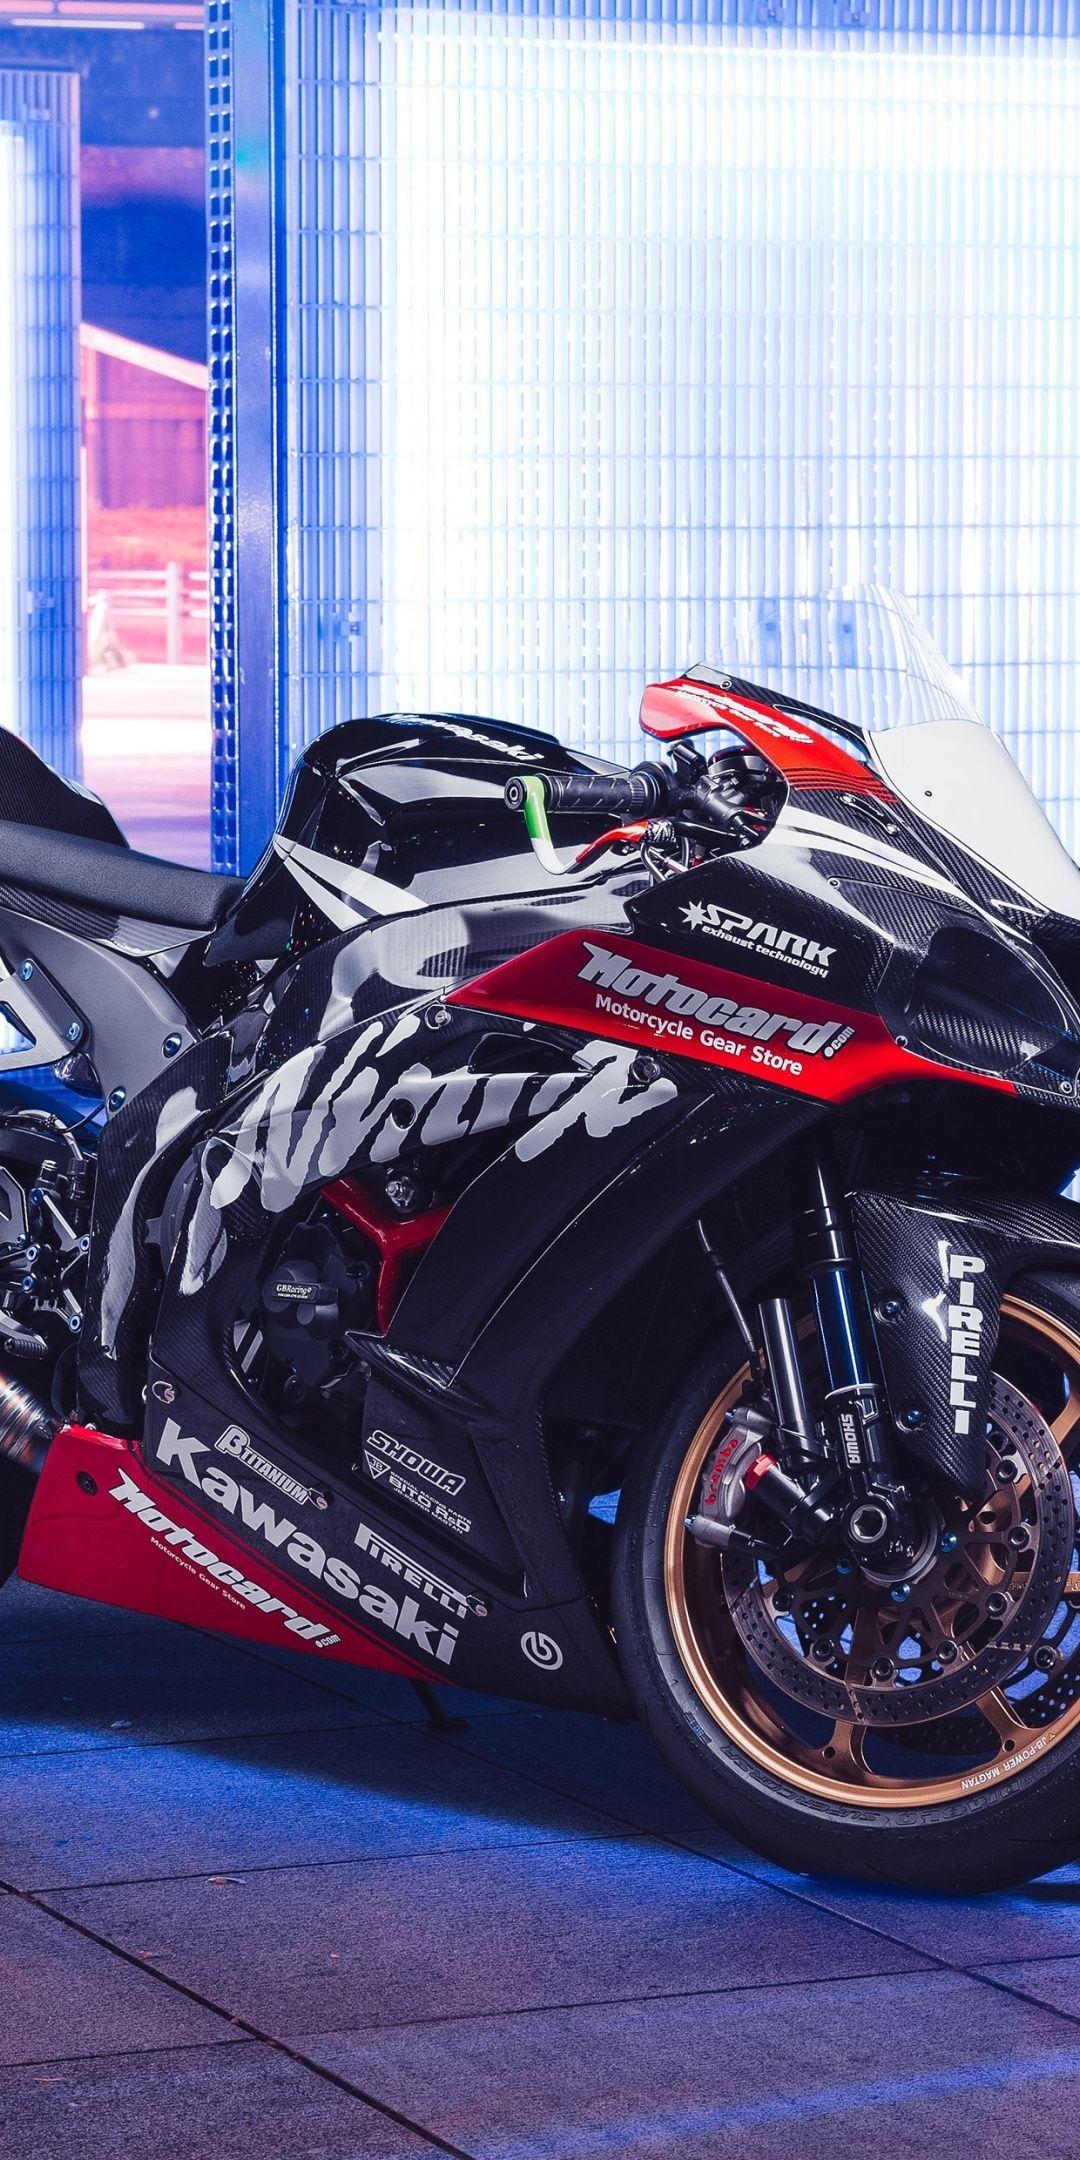 Kawasaki Ninja Zx 10r Sports Bike 2019 1080x2160 Wallpaper Sport Bikes Kawasaki Bikes Sports Bikes Motorcycles